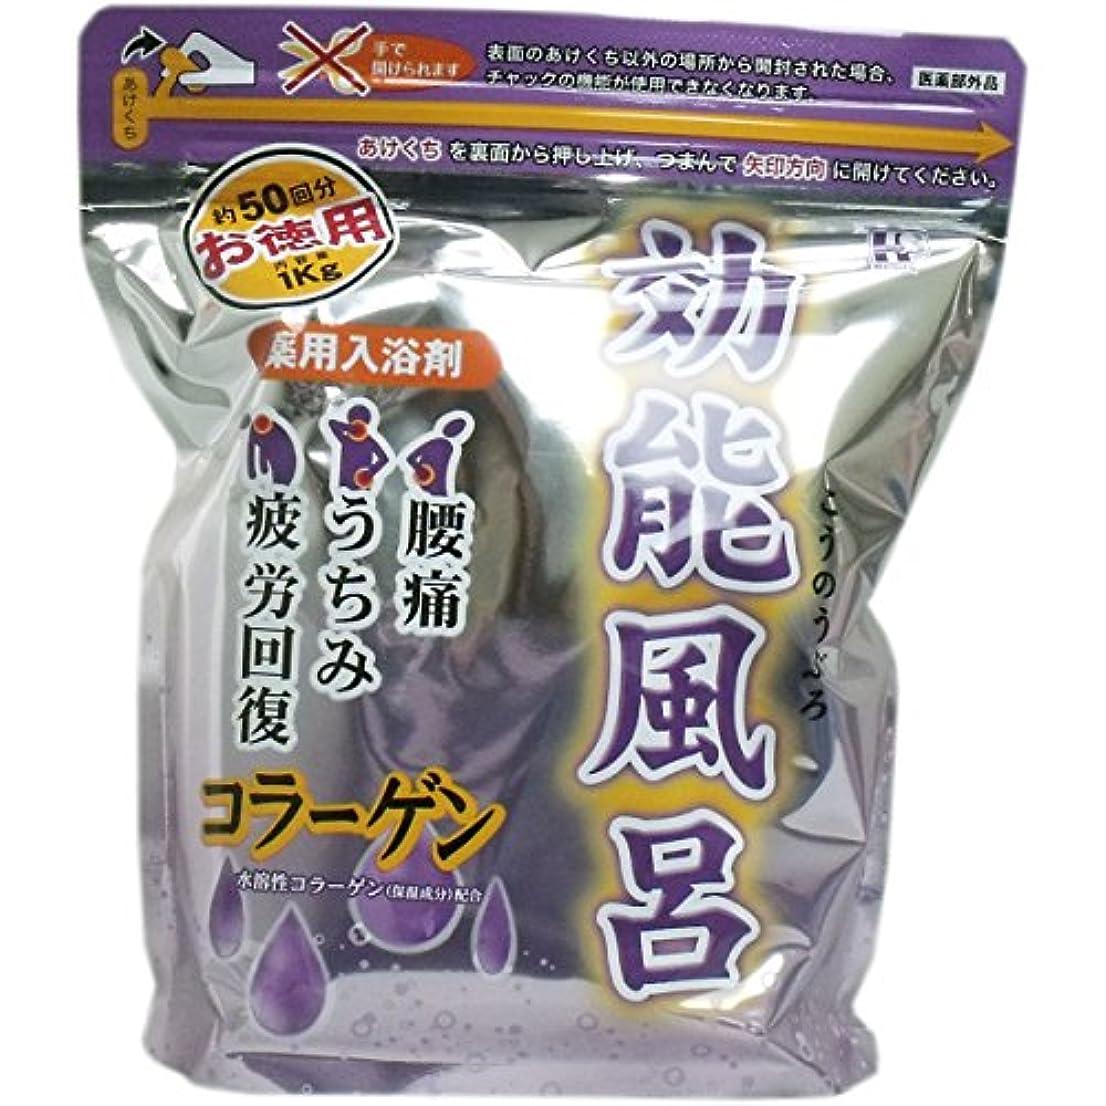 ピンチシャックル科学効能風呂 薬用入浴剤 コラーゲン 1Kg